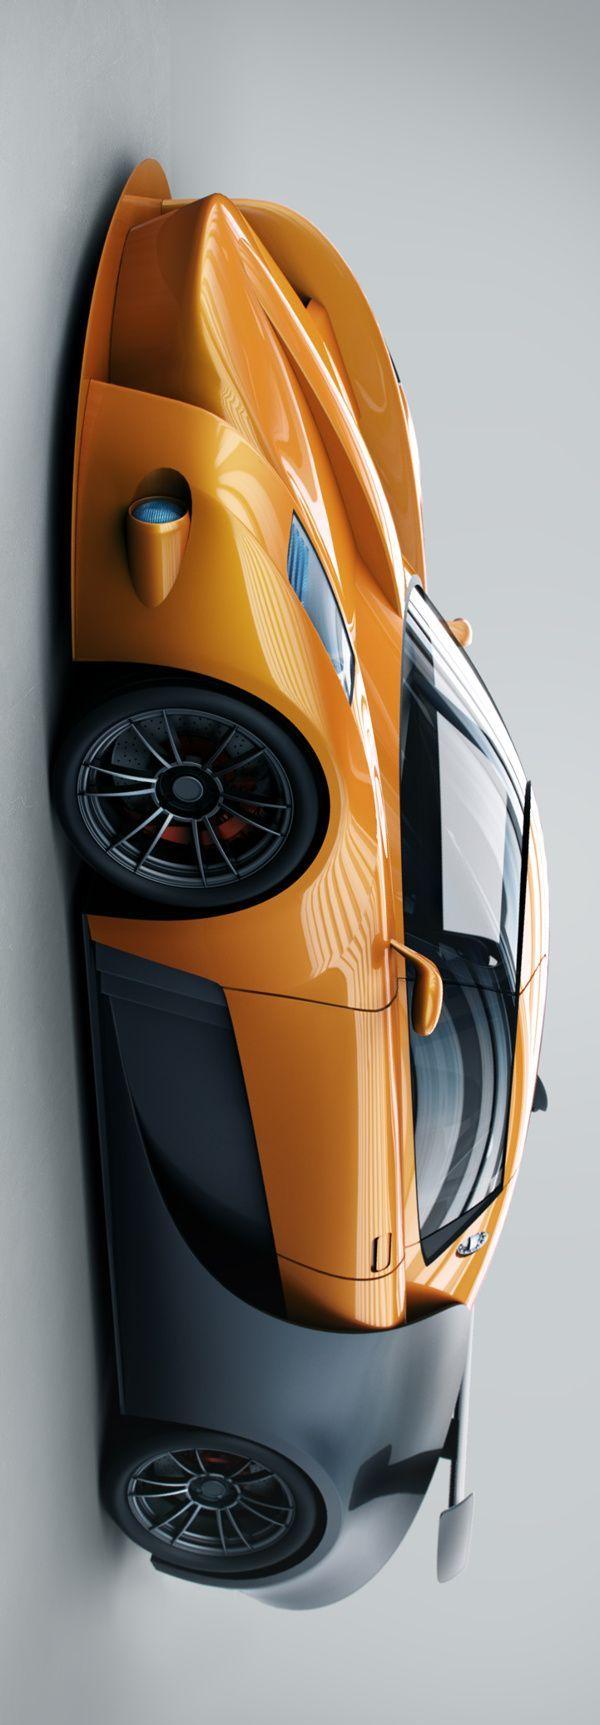 Concept car - Concept A